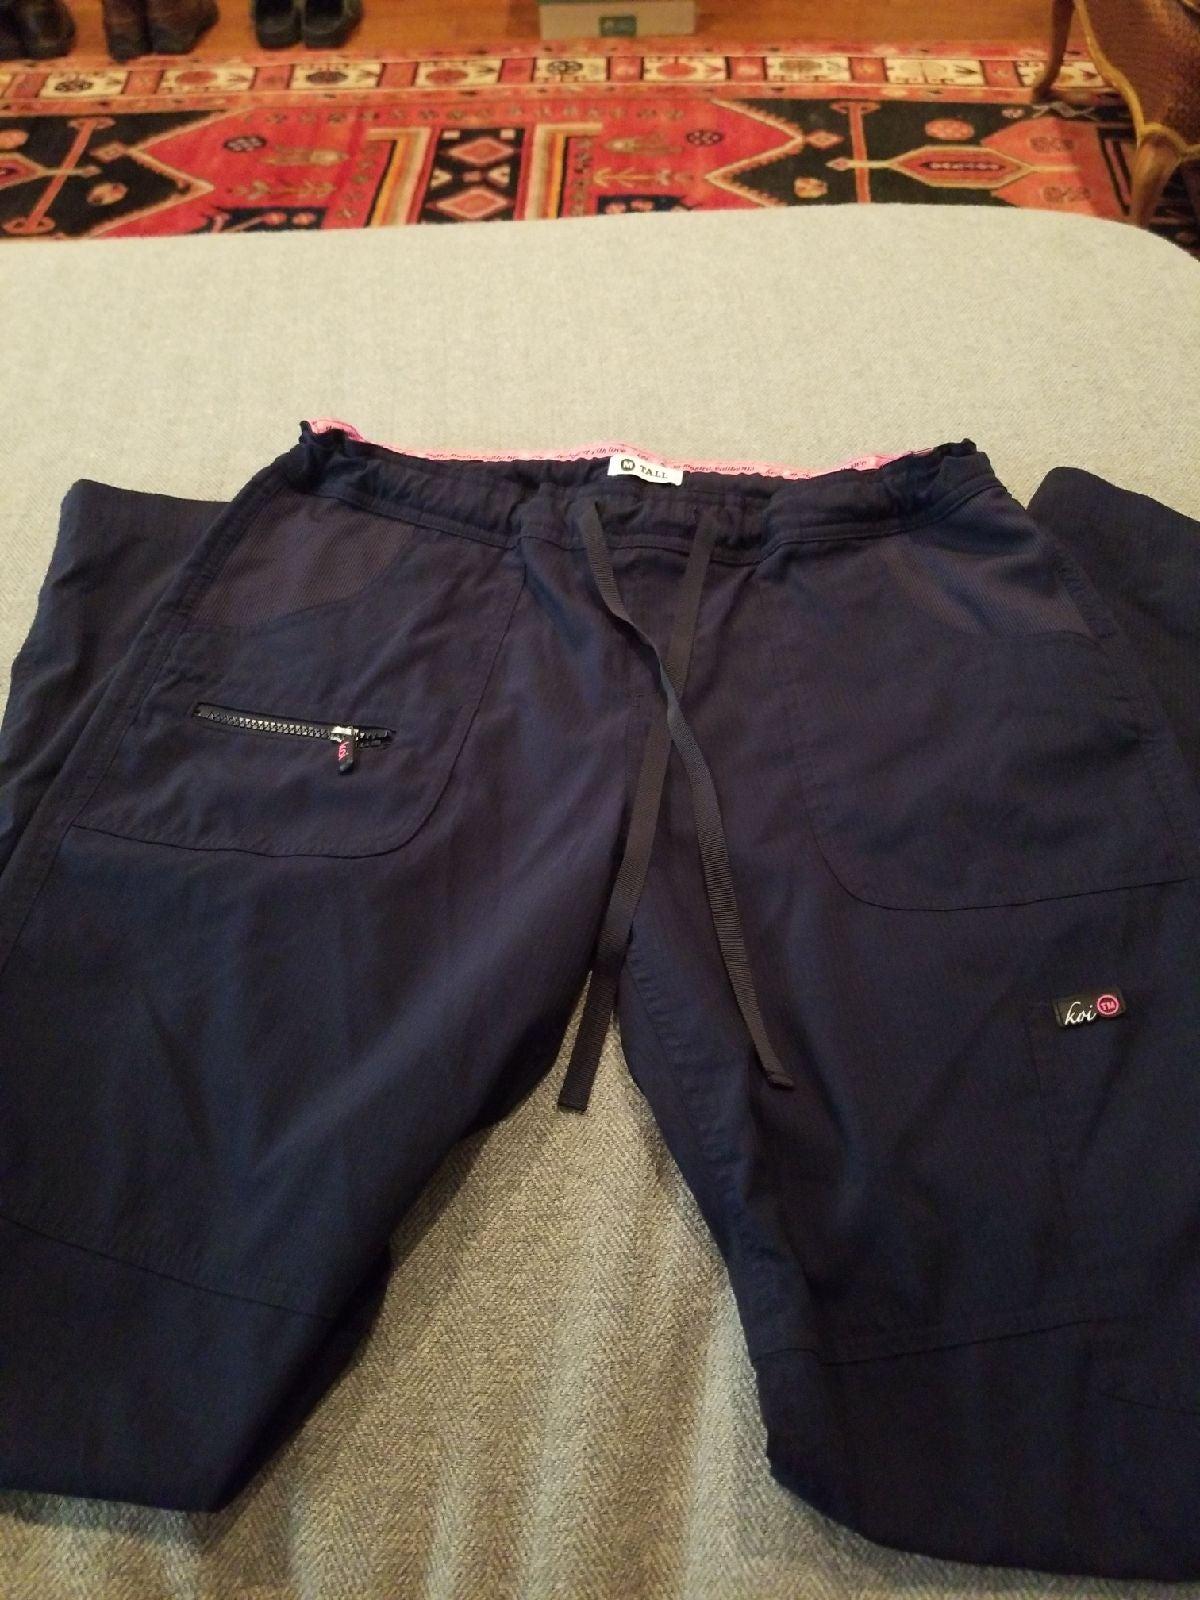 KOI scrub pants woman, scrub pants